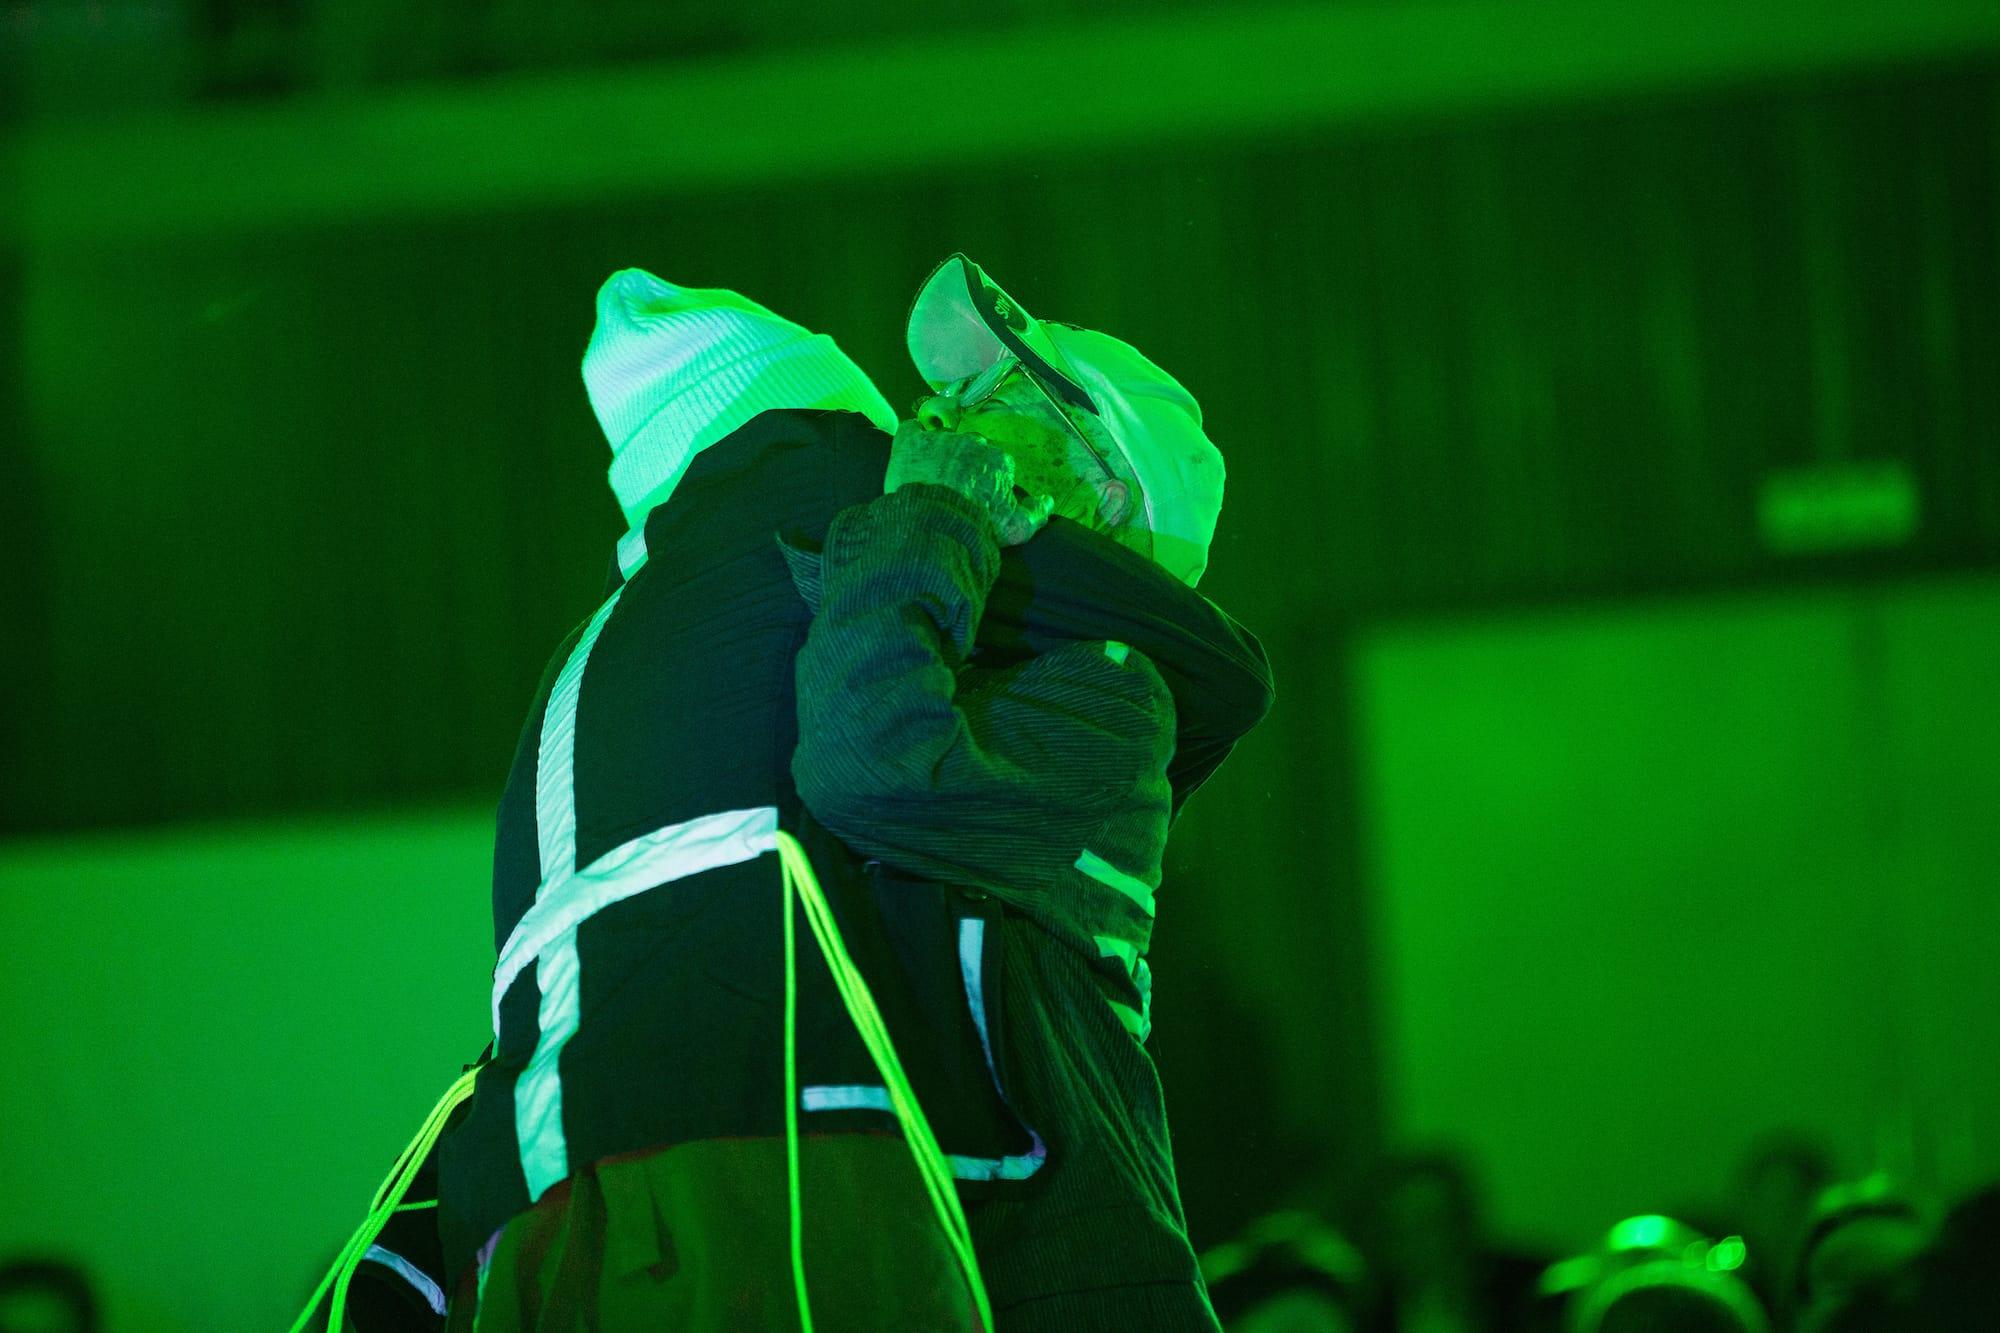 菅原直樹さんとおかじいは、おかじいたっての希望により「老いと演劇 OiBokkeShi」でのデビュー作「よみちにひはくれない」の1場面を再現。